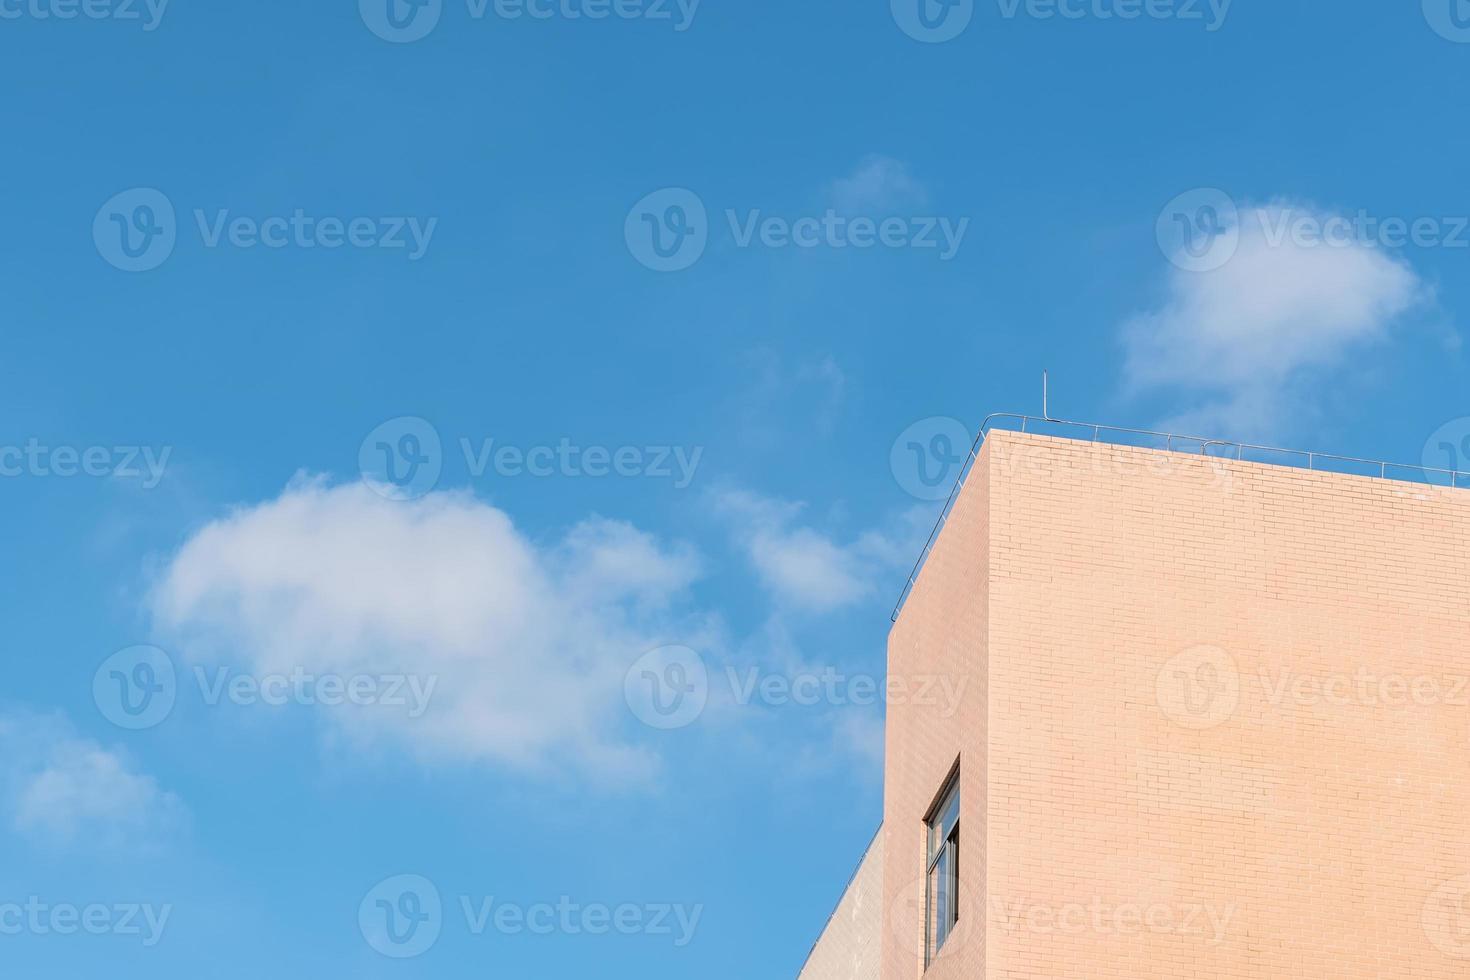 parte do edifício amarelo claro sob o céu azul e nuvens brancas foto